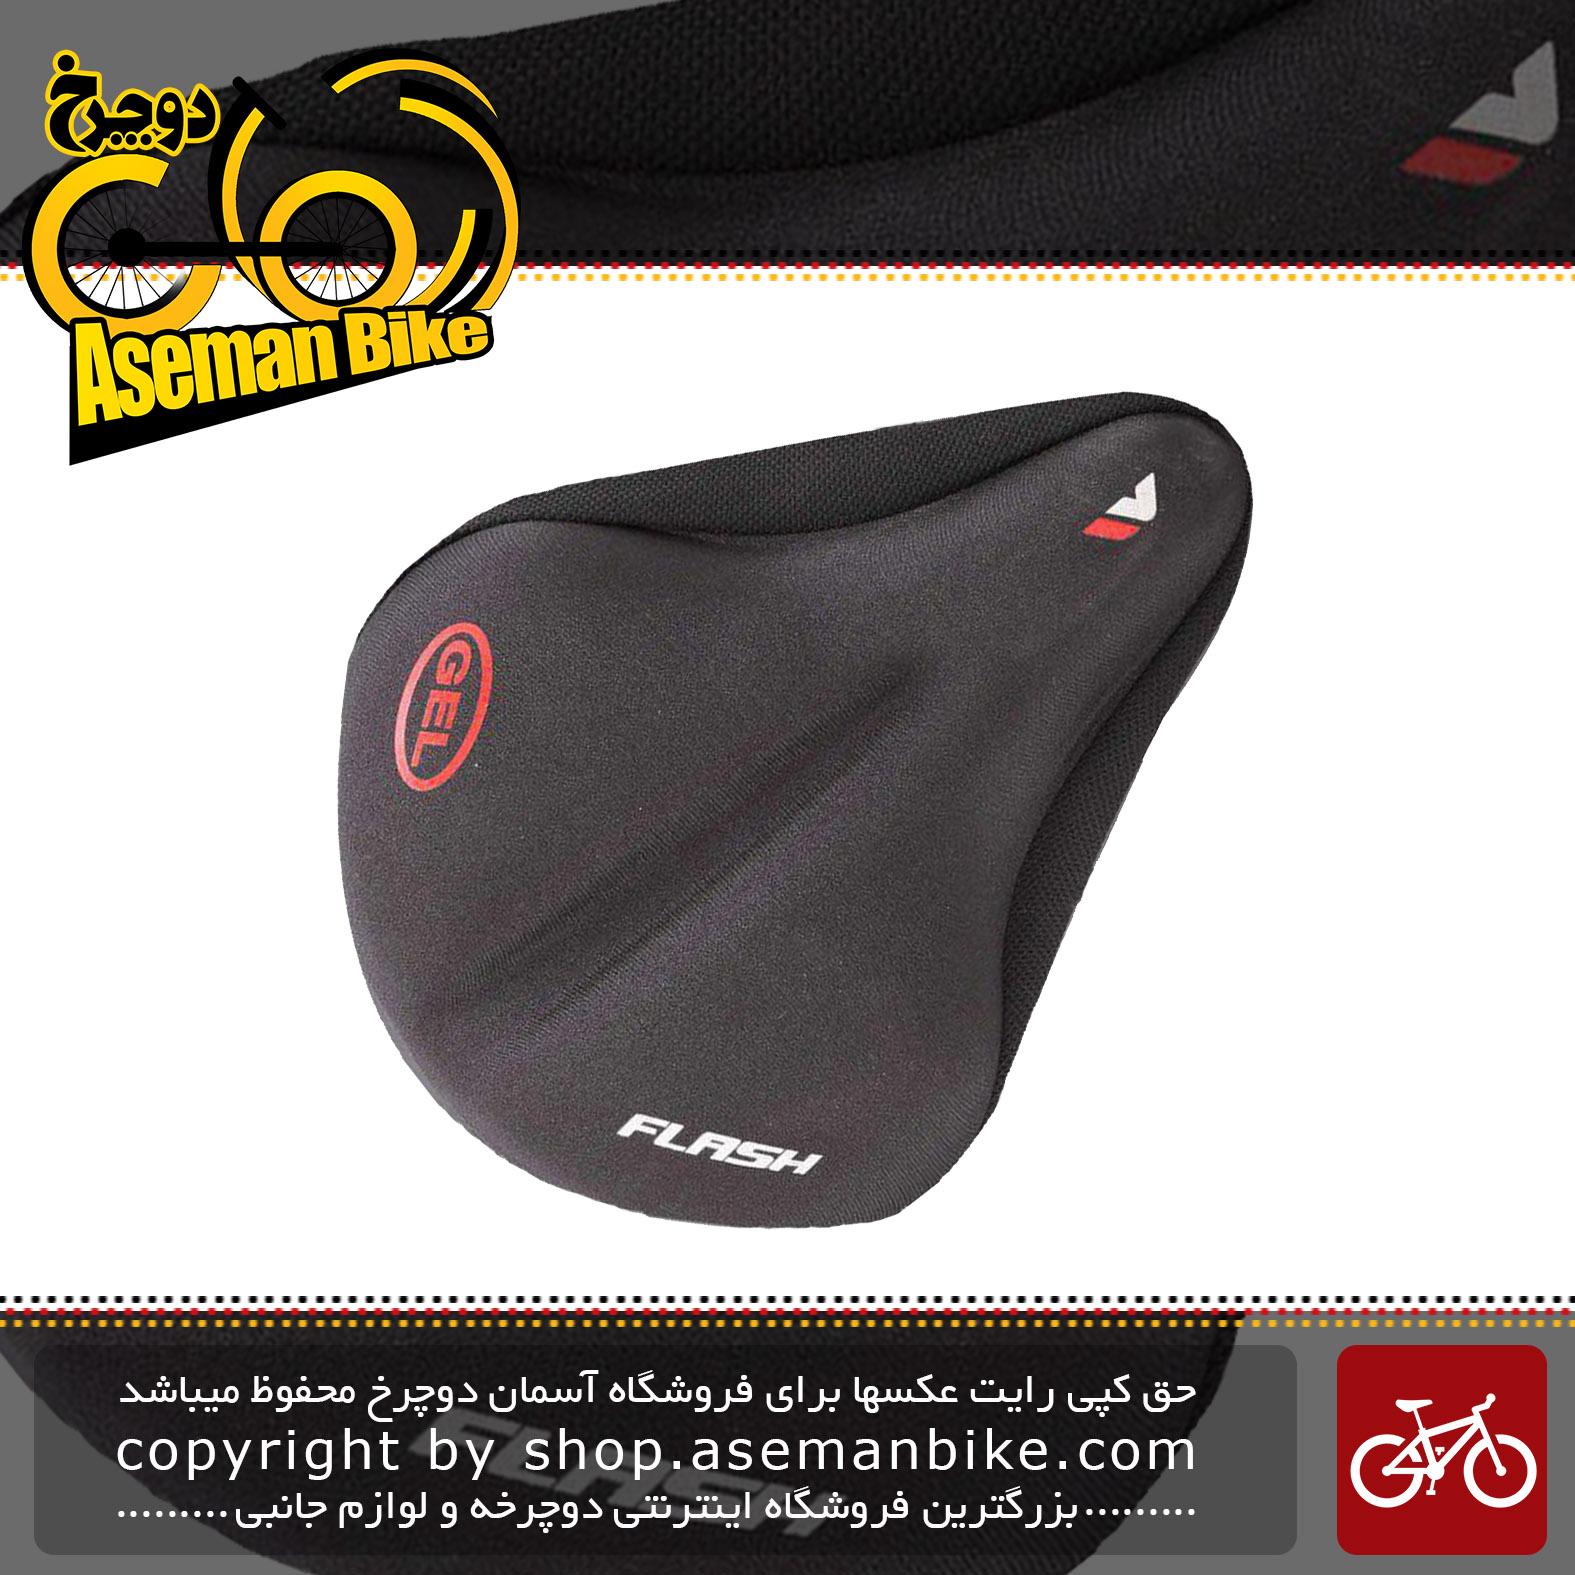 روکش زین دوچرخه فلش مدل 001 Flash Bicycle Saddle